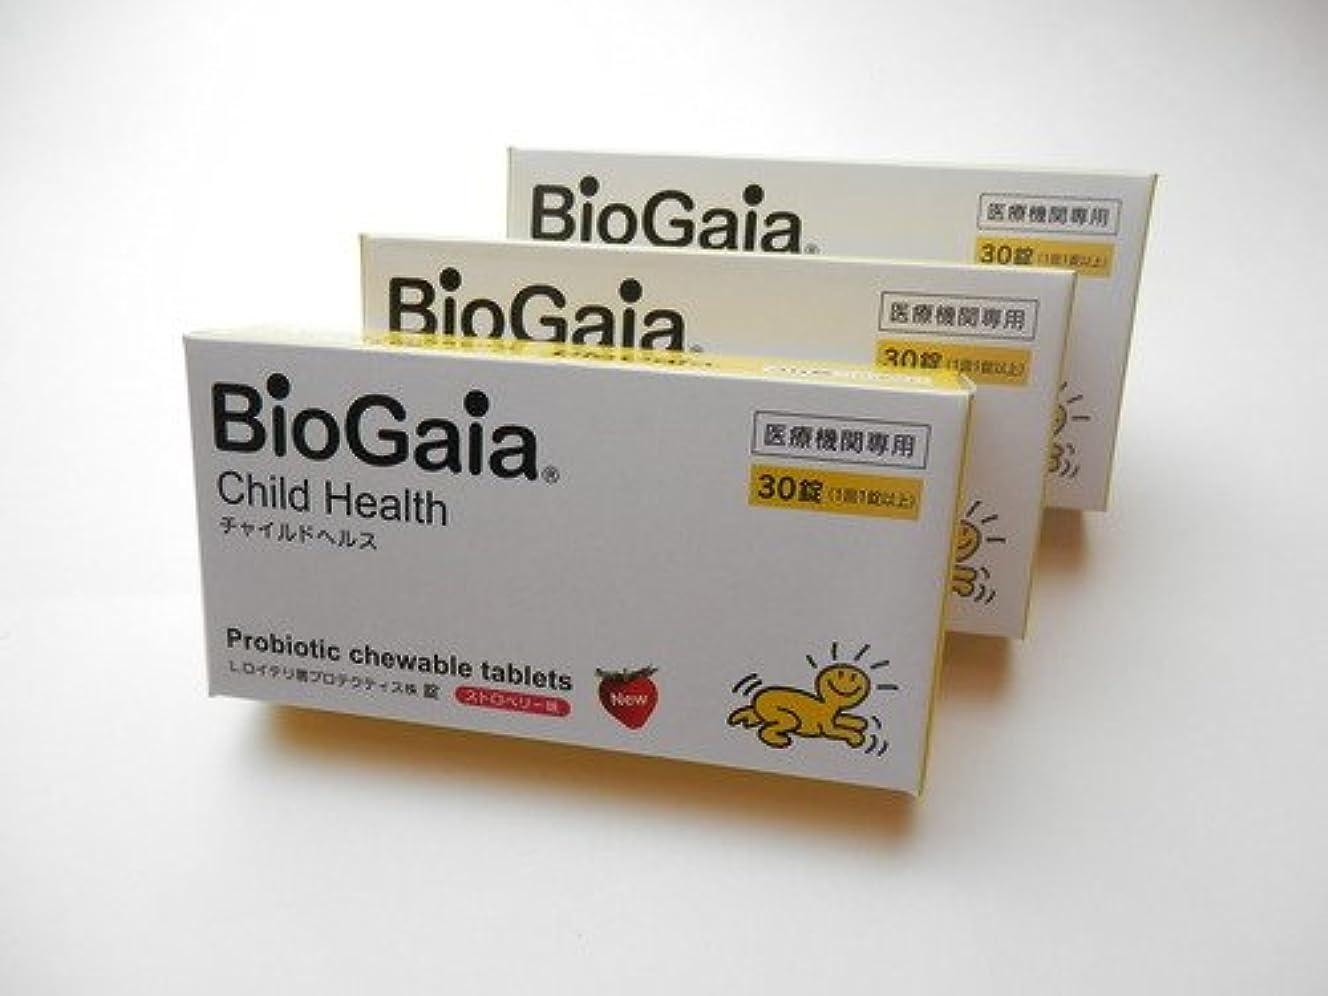 タイト馬鹿げた入場料体内管理 生きる乳酸菌(Lロイテリ菌) 30粒X3個セット チャイルドケア ストロベリー味